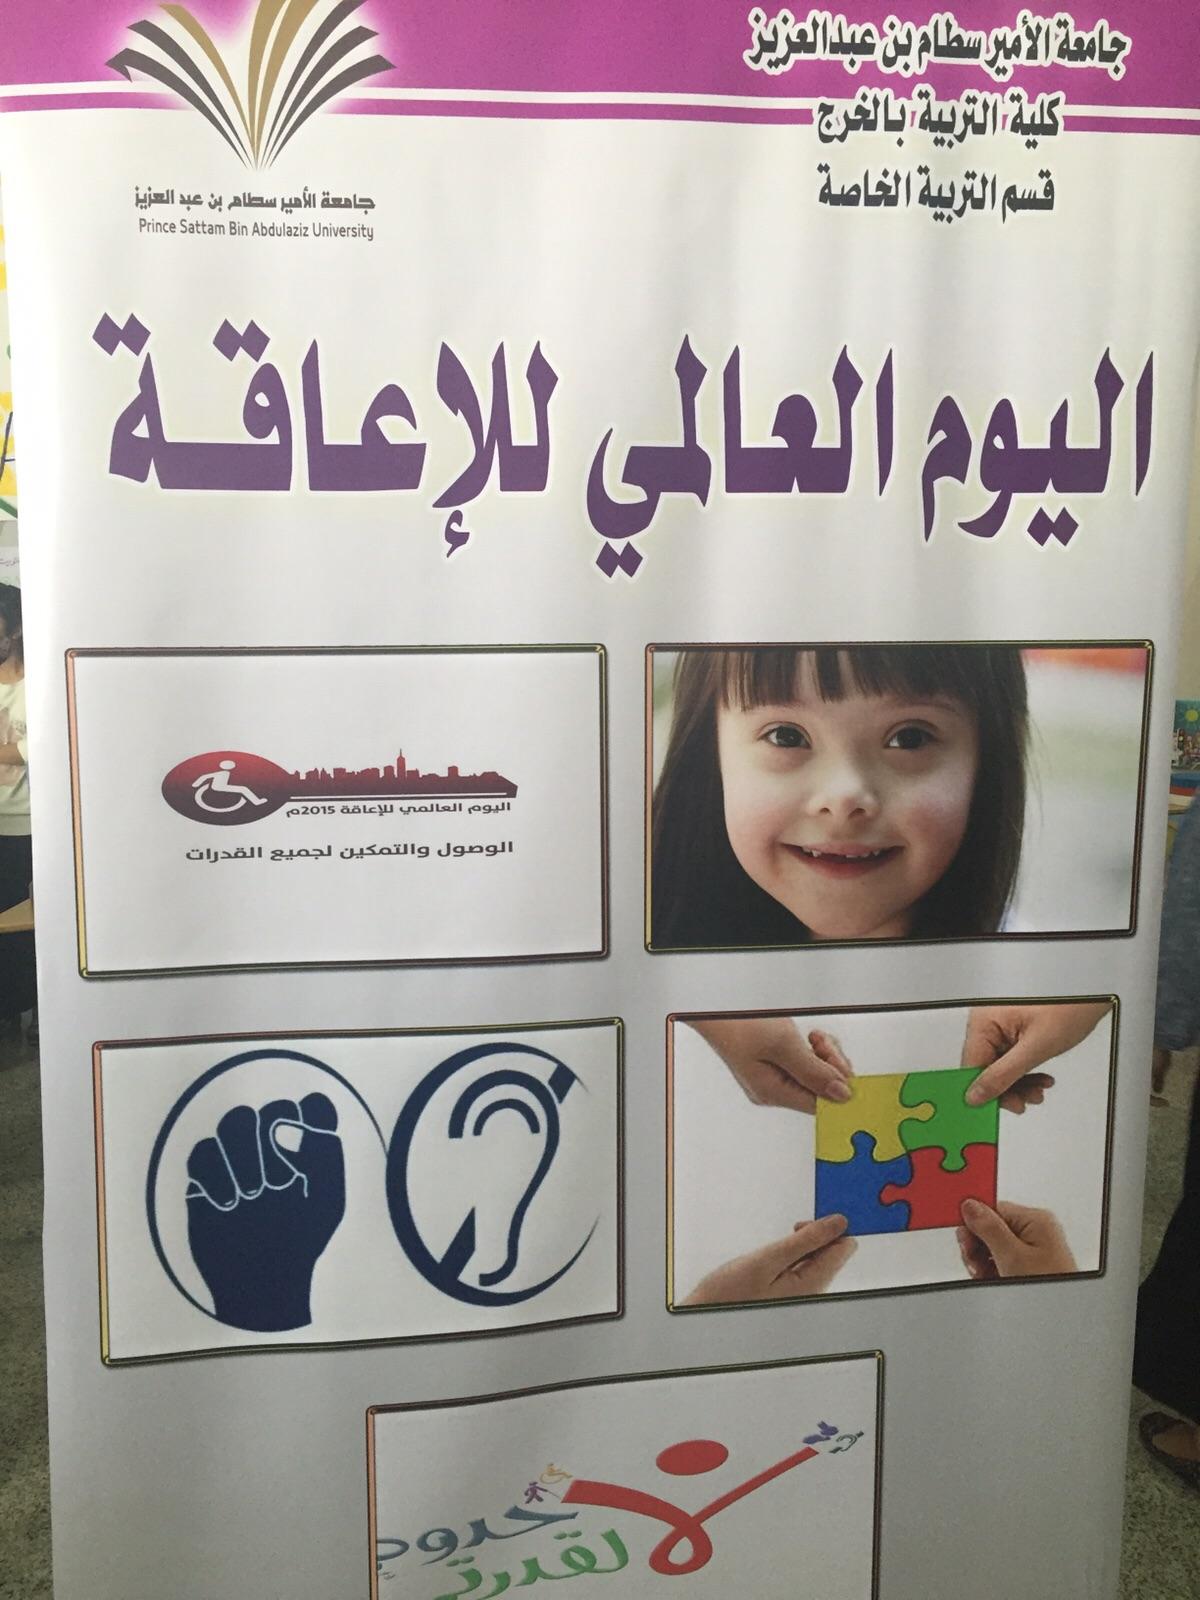 فعالية اليوم العالمي للاعاقة بكلية التربية بالخرج صحيفة جامعتي